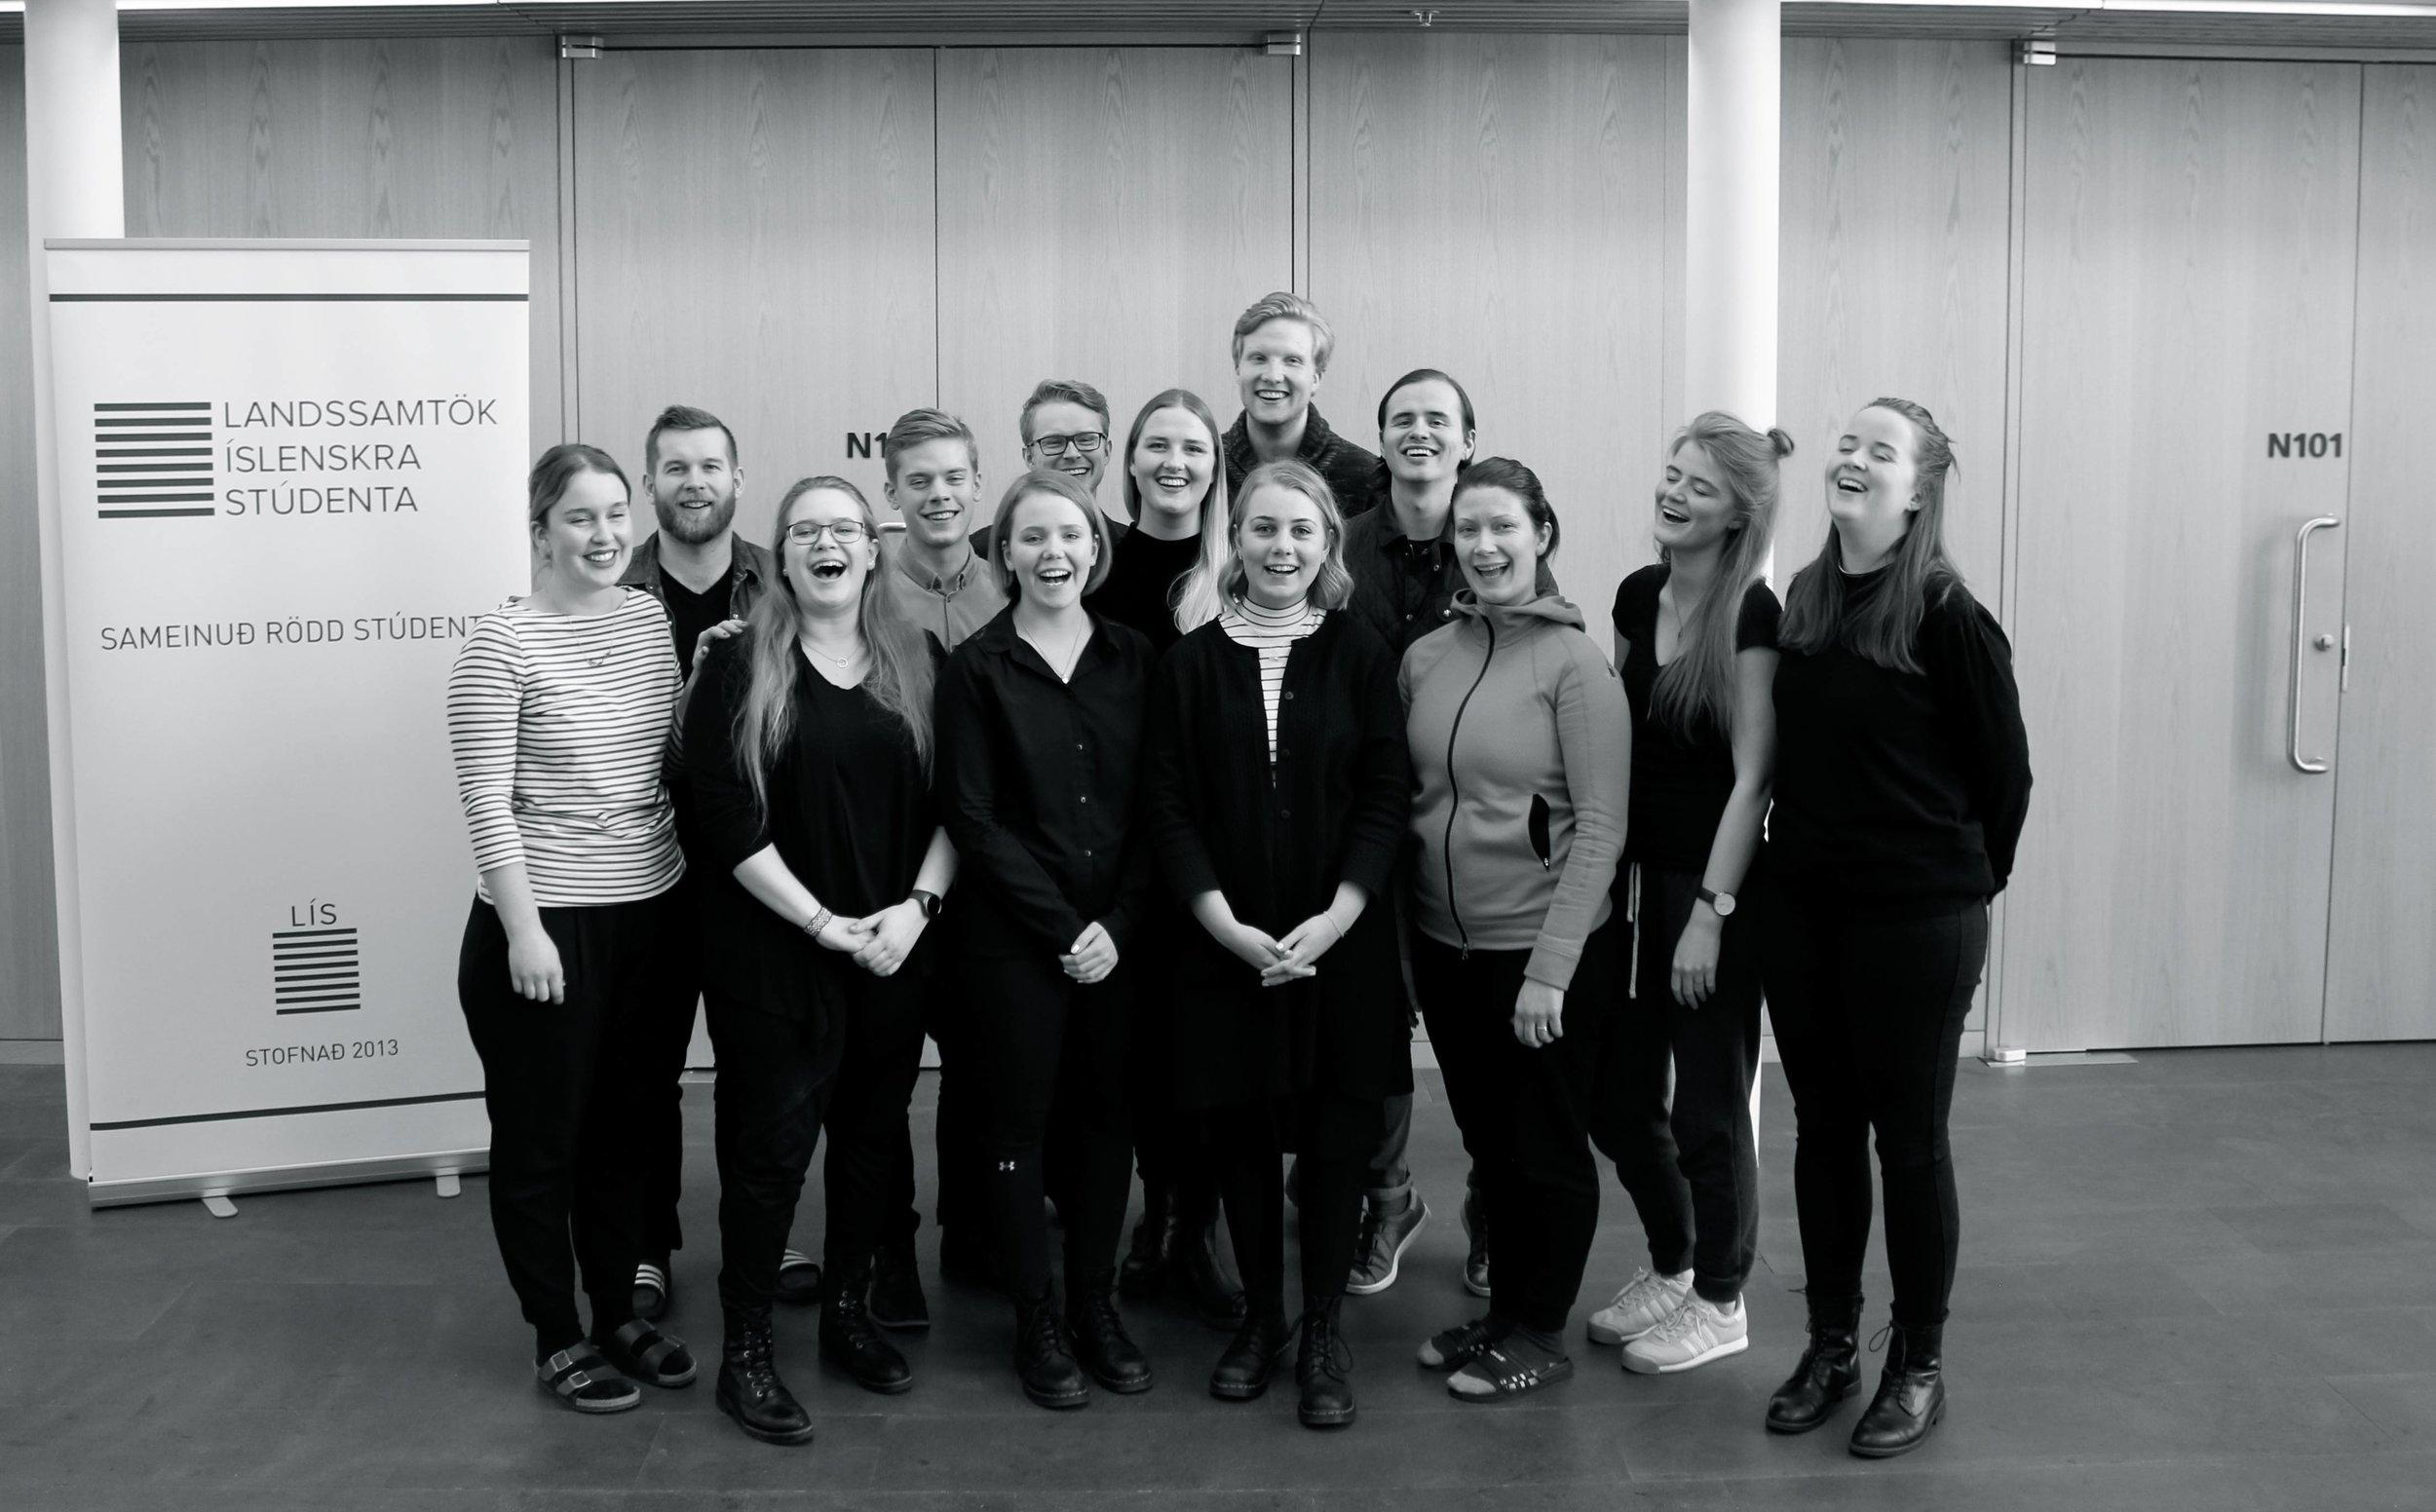 Framkvæmdastjórn auk nefndarmeðlima 2016-2017 á landsþingi samtakanna í mars